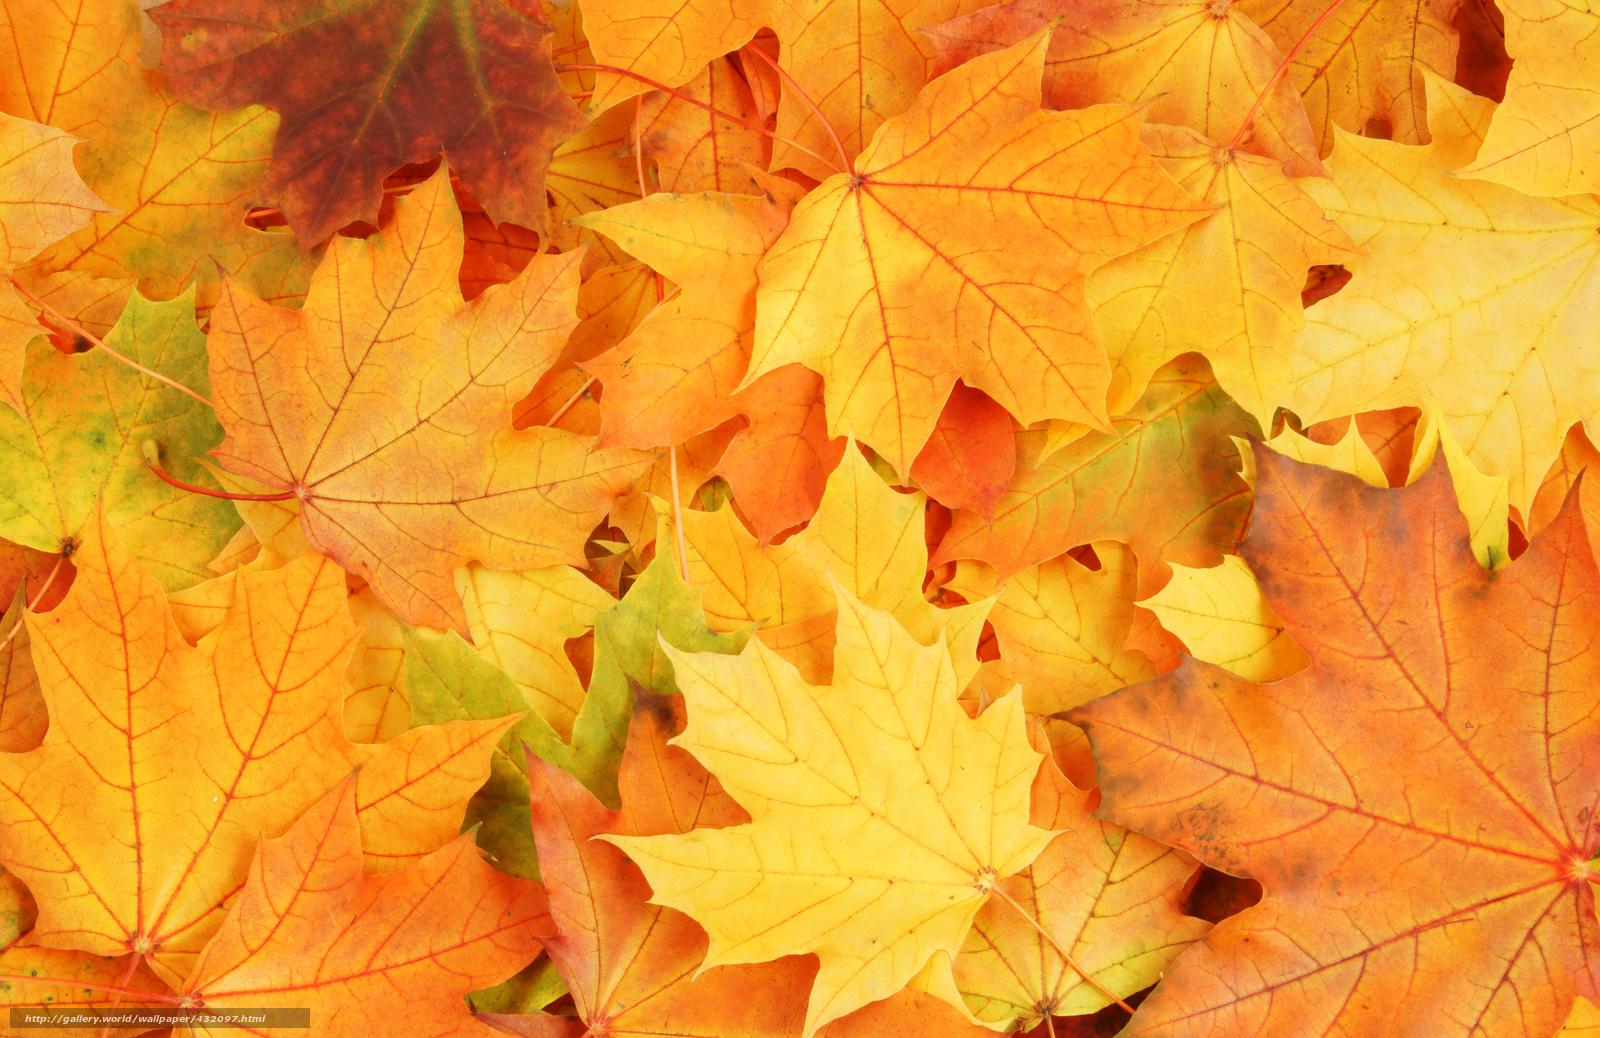 Скачать обои листья,  осень,  яркие краски,  увядание бесплатно для рабочего стола в разрешении 6000x3892 — картинка №432097